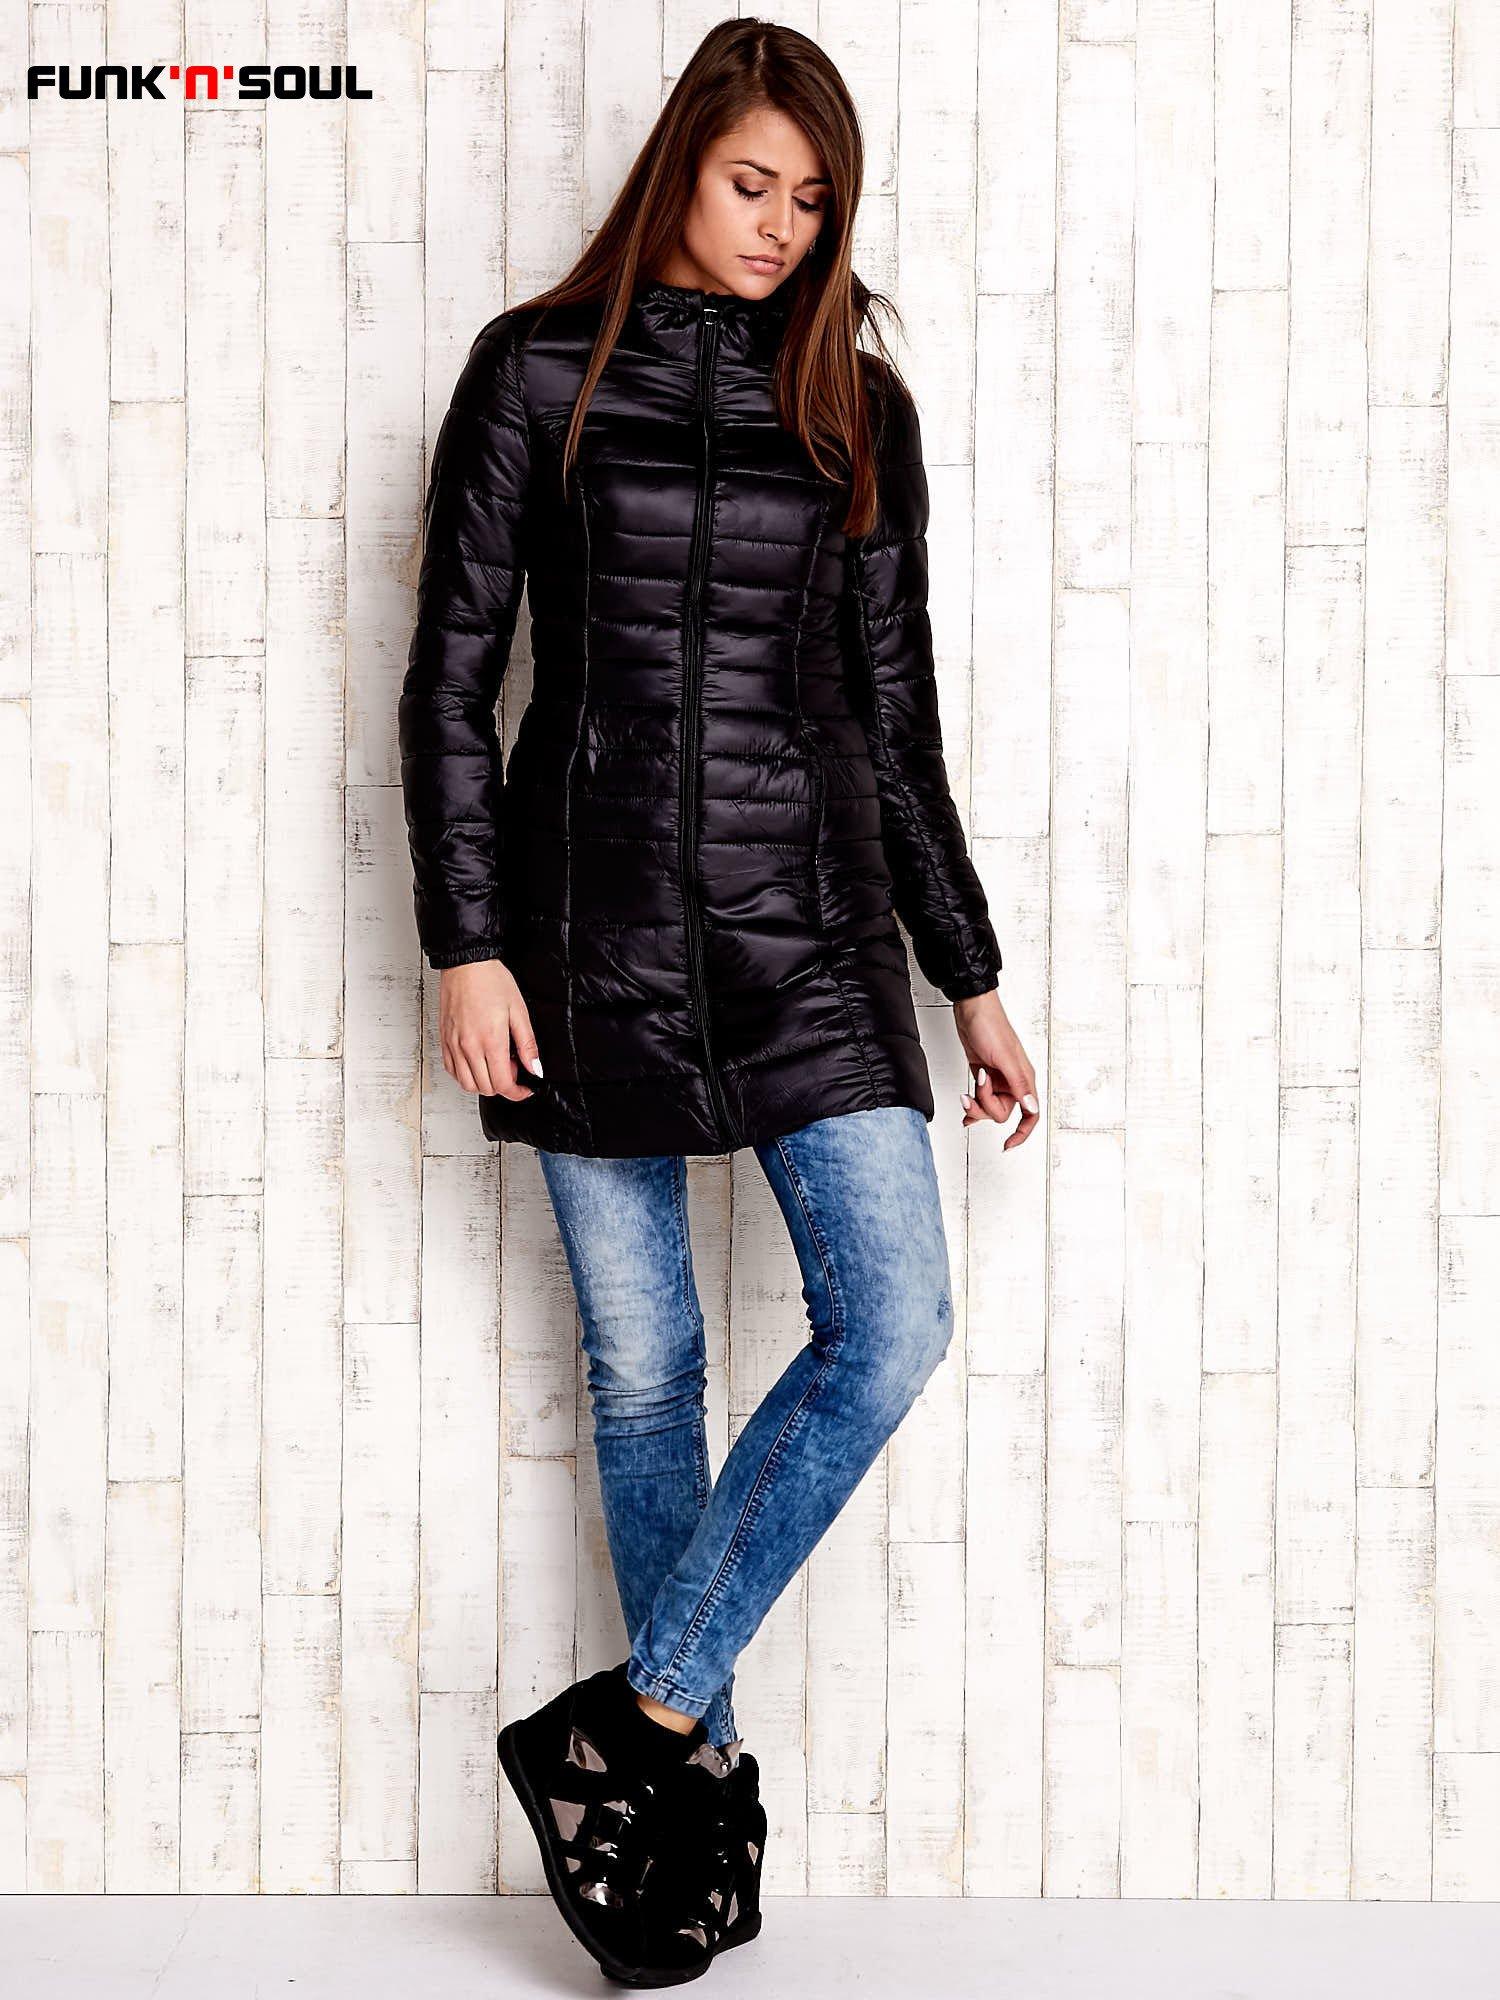 Czarny pikowany płaszcz z kapturem FUNK N SOUL                                  zdj.                                  2